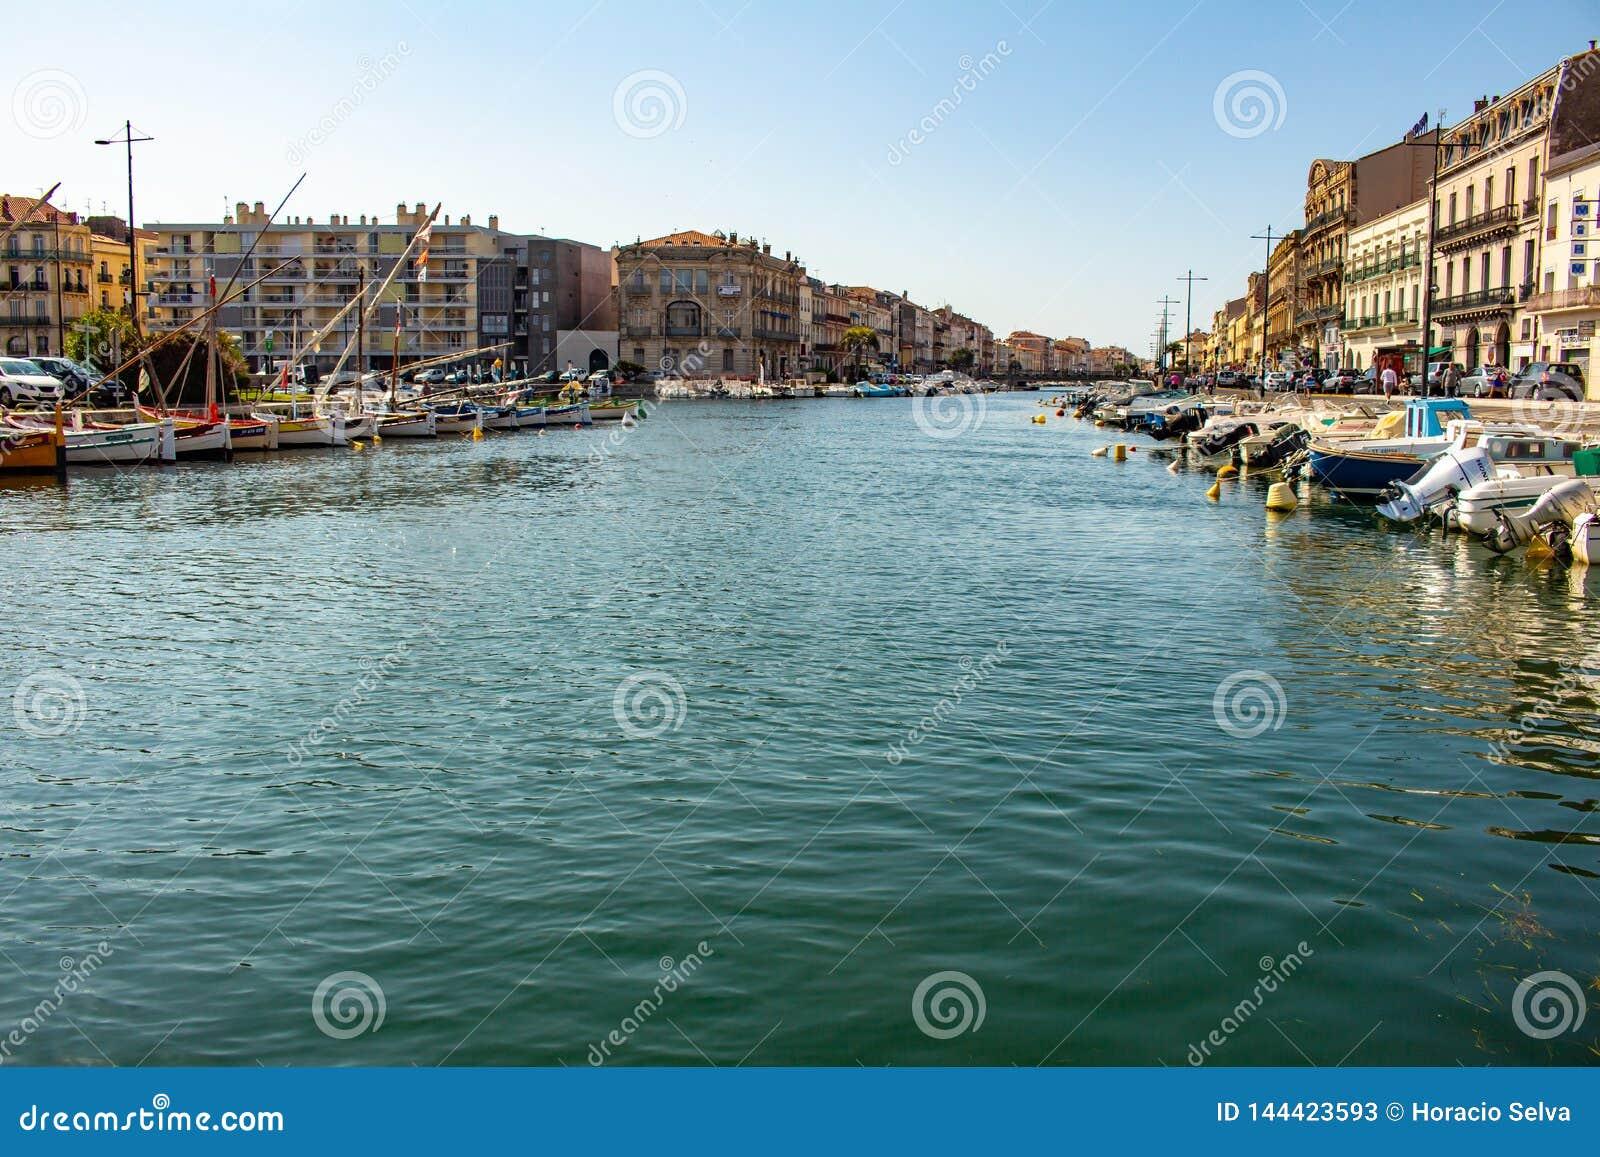 Sete, France le 20 mai 2018 Bâtiments de la Renaissance à côté des eaux des canaux de la ville peuplée en de petits bateaux